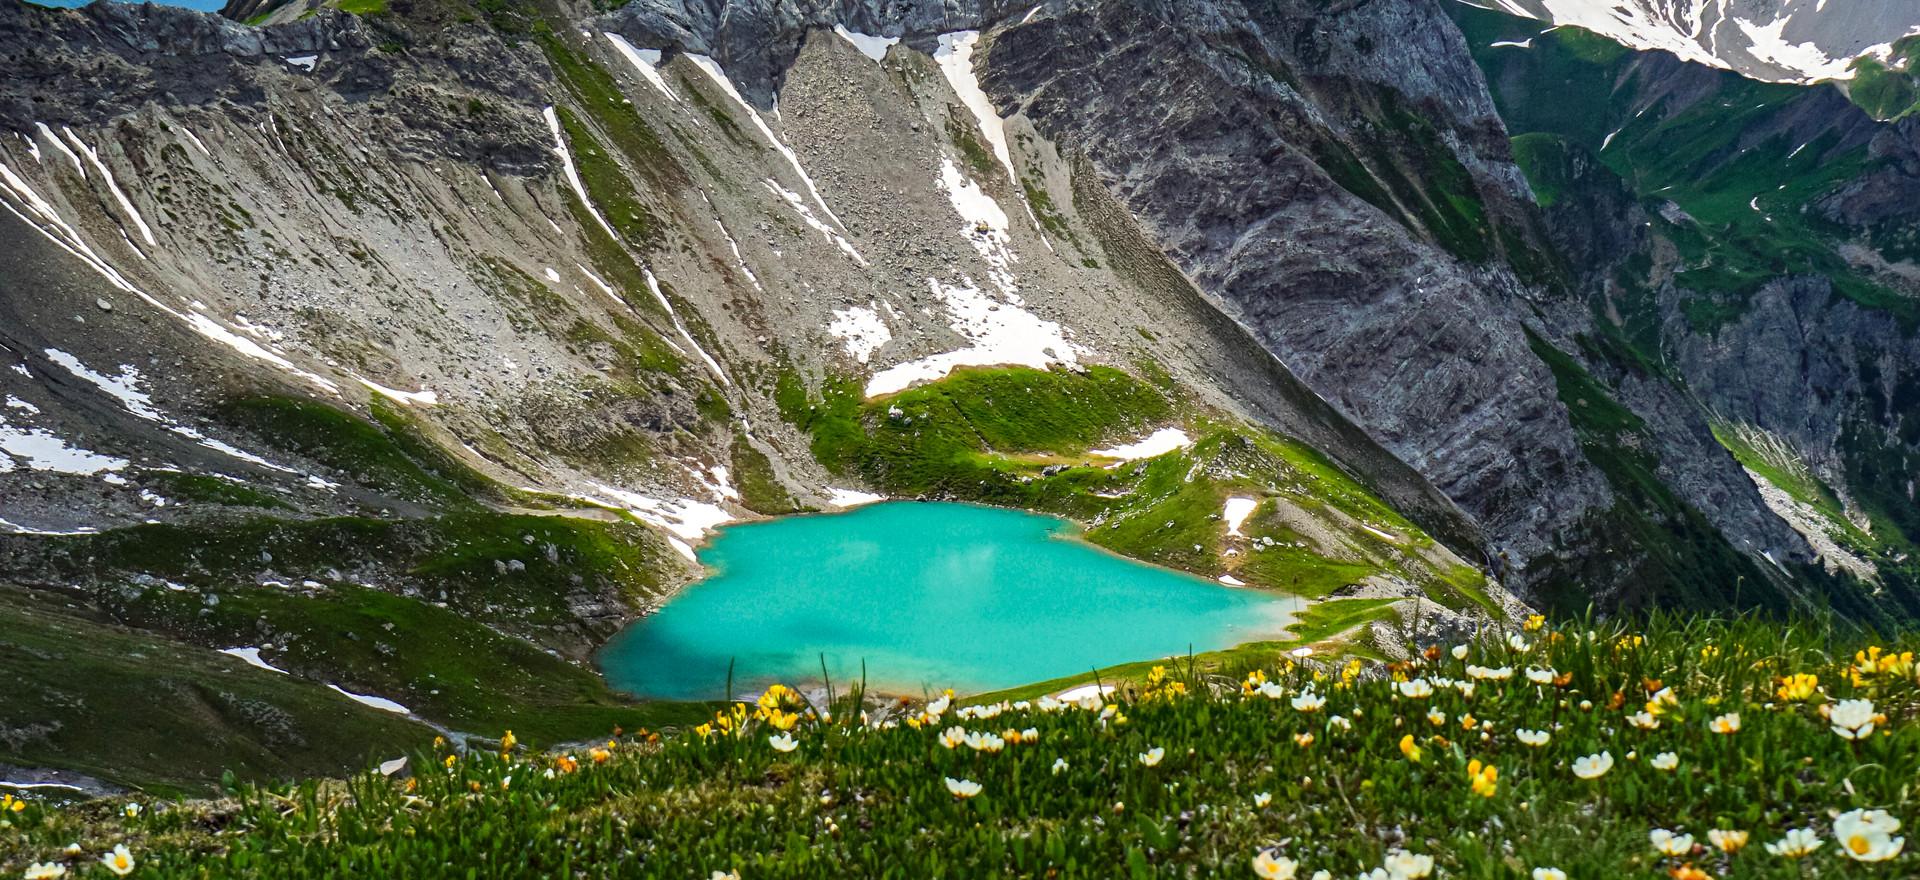 Hintersee Lechtaler Alpen.JPG